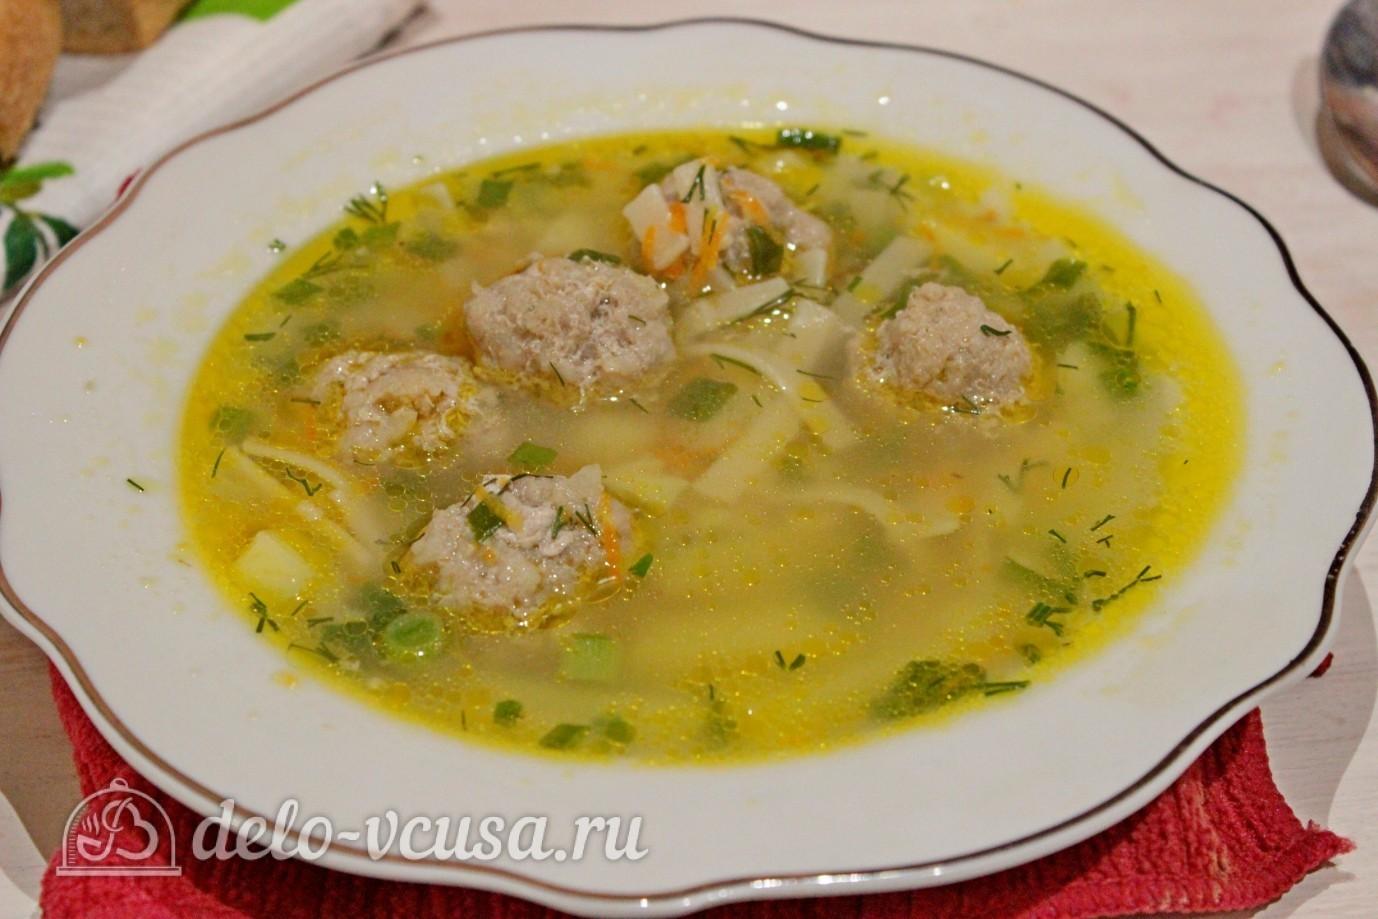 Суп с фрикадельками рецепт ребенку на